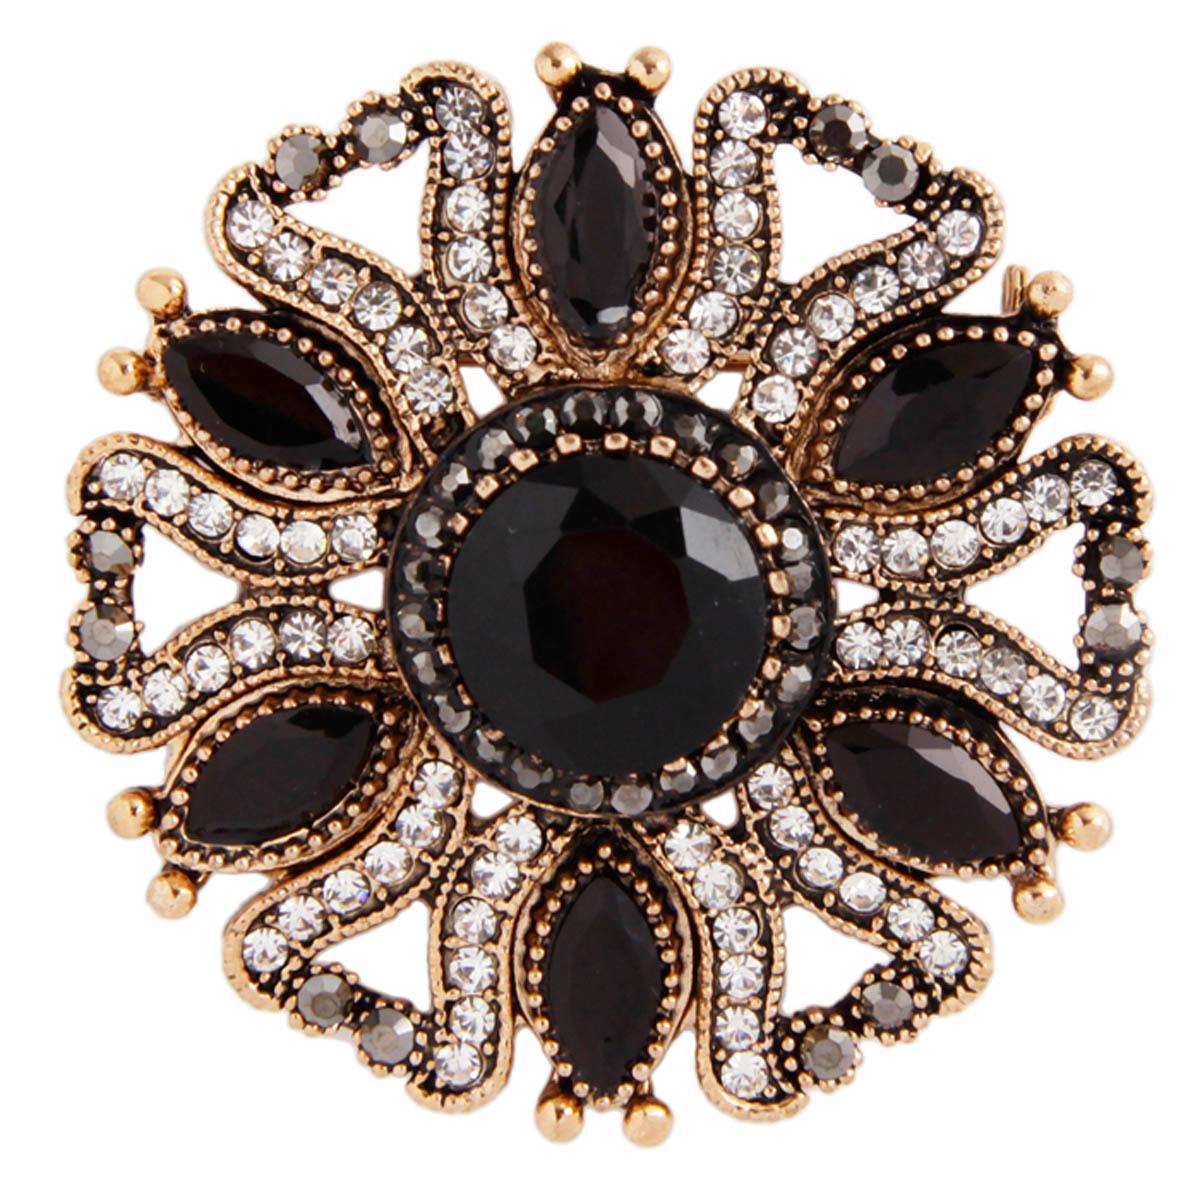 """Брошь """"Элизиум"""" в византийском стиле. Бижутерный сплав, австрийские кристаллы. Конец XX века ОС30203"""